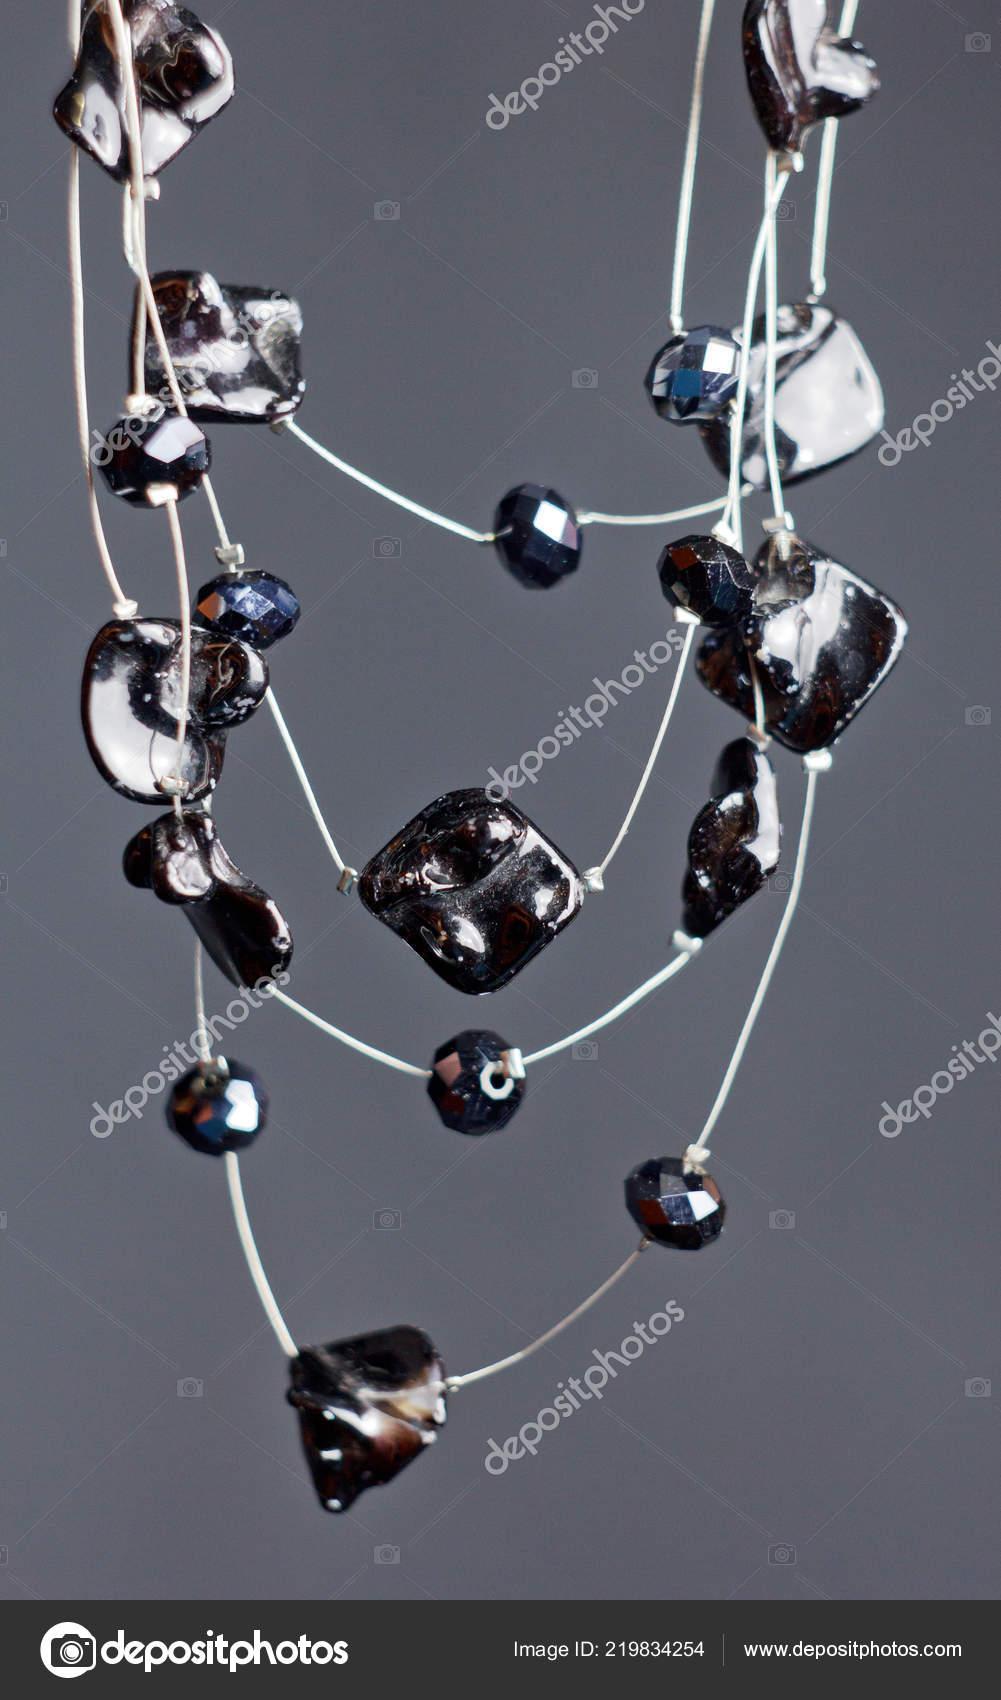 Χειροποίητα κοσμήματα χάντρες στη μακροεντολή. Κολιέ από μαύρο χάντρες.  Κολιέ από λίθους. όμορφα στολίδια. Κολιέ από μαύρο χάντρες. διακοσμητικά  στοιχεία σε ... 4cb20b13312